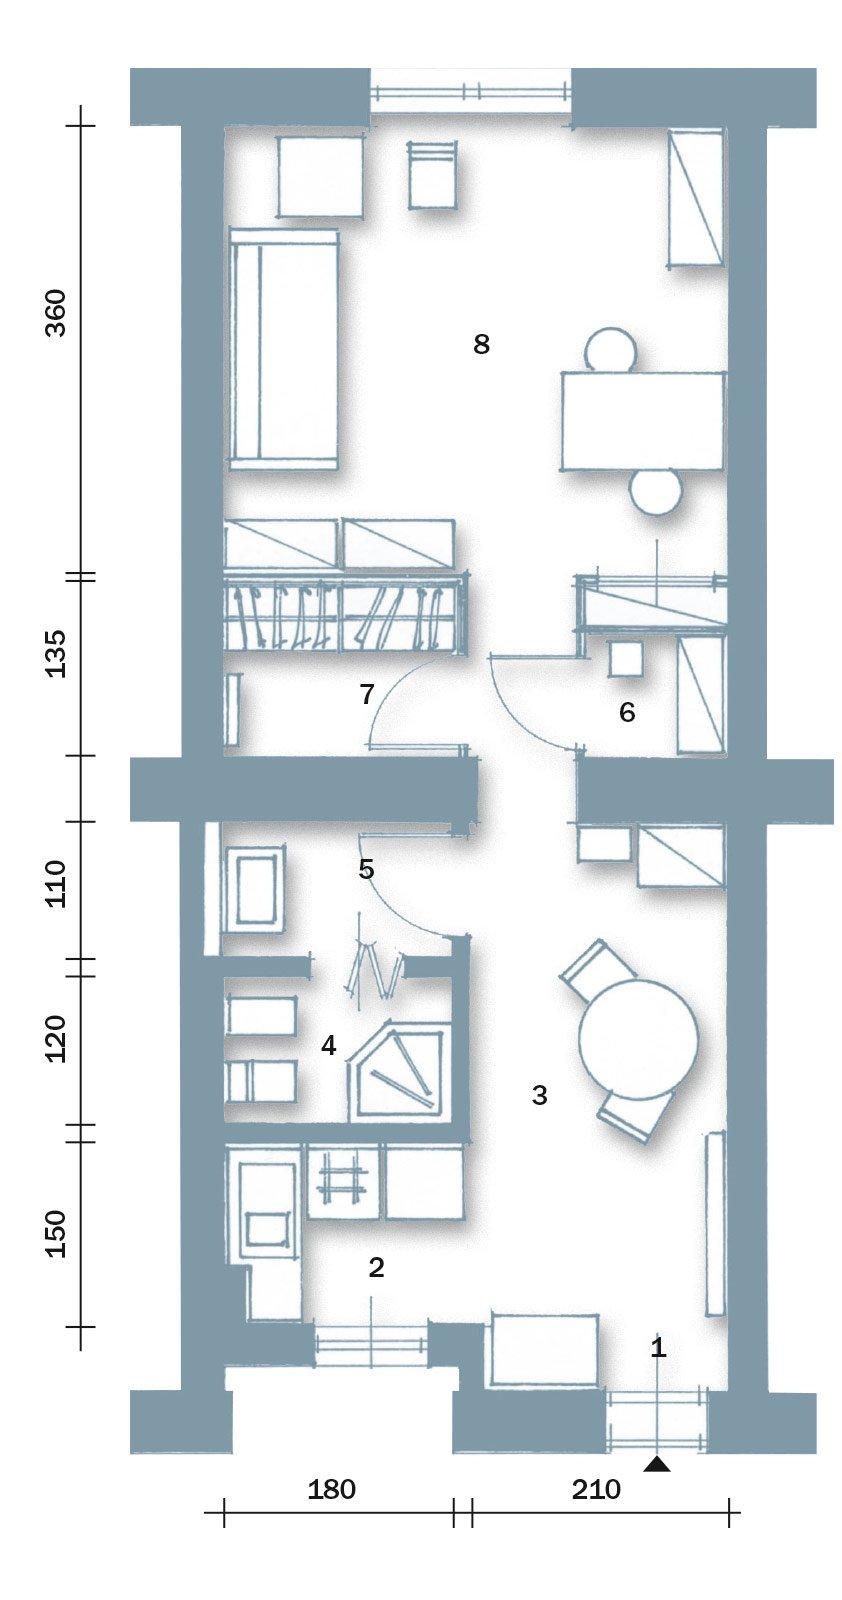 Bilocale di 40 mq una casa fai da te cose di casa for Piano terra con 3 camere da letto con dimensioni pdf